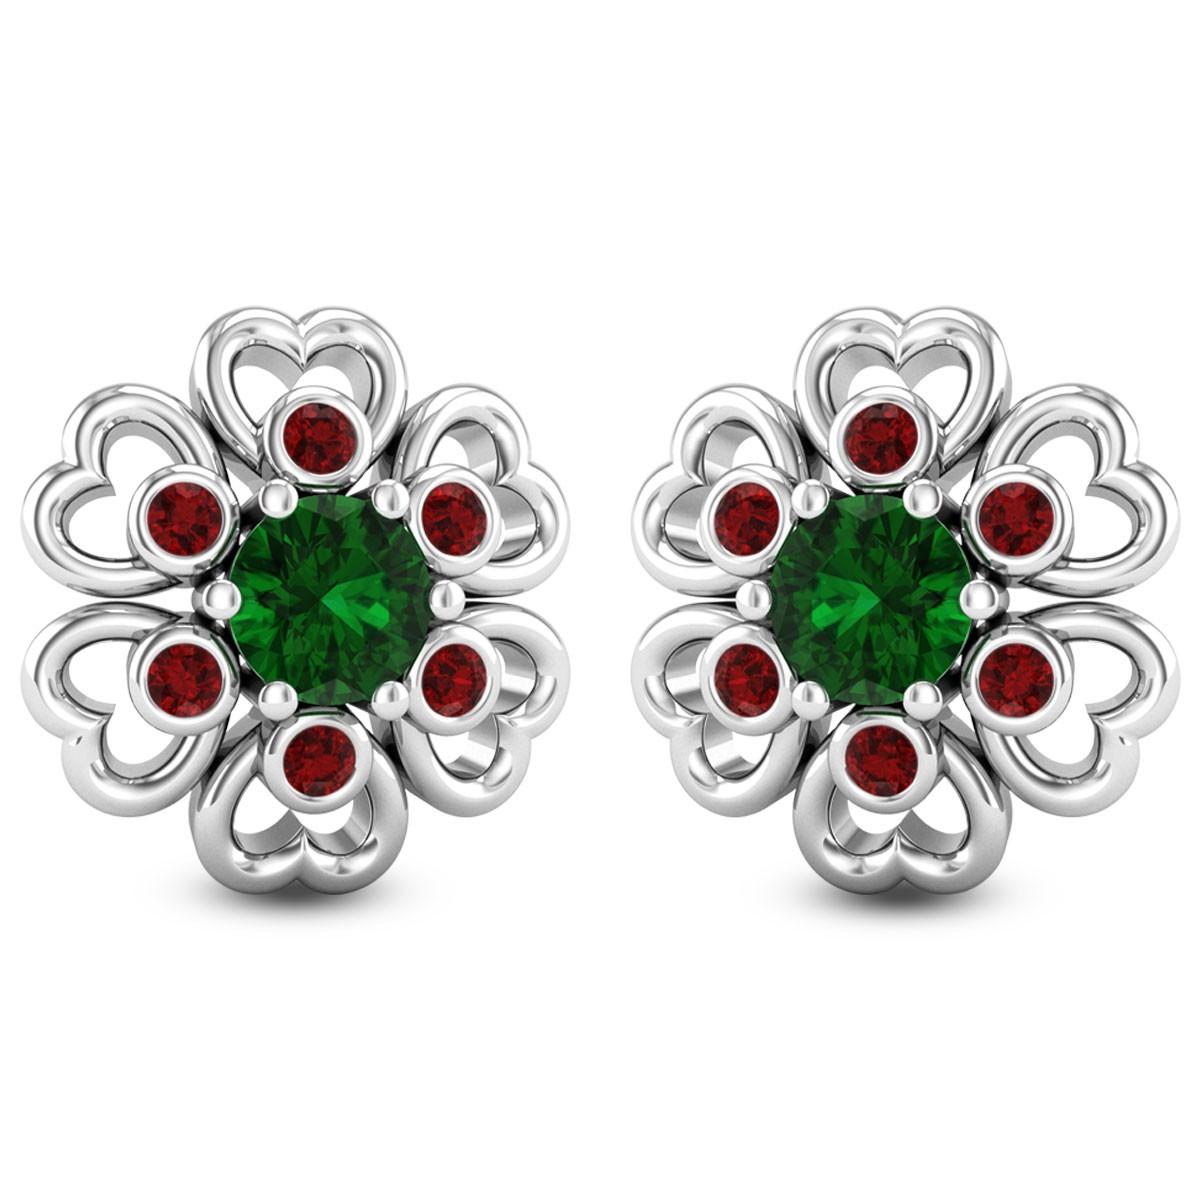 Trio Gem Floral Stud Earrings